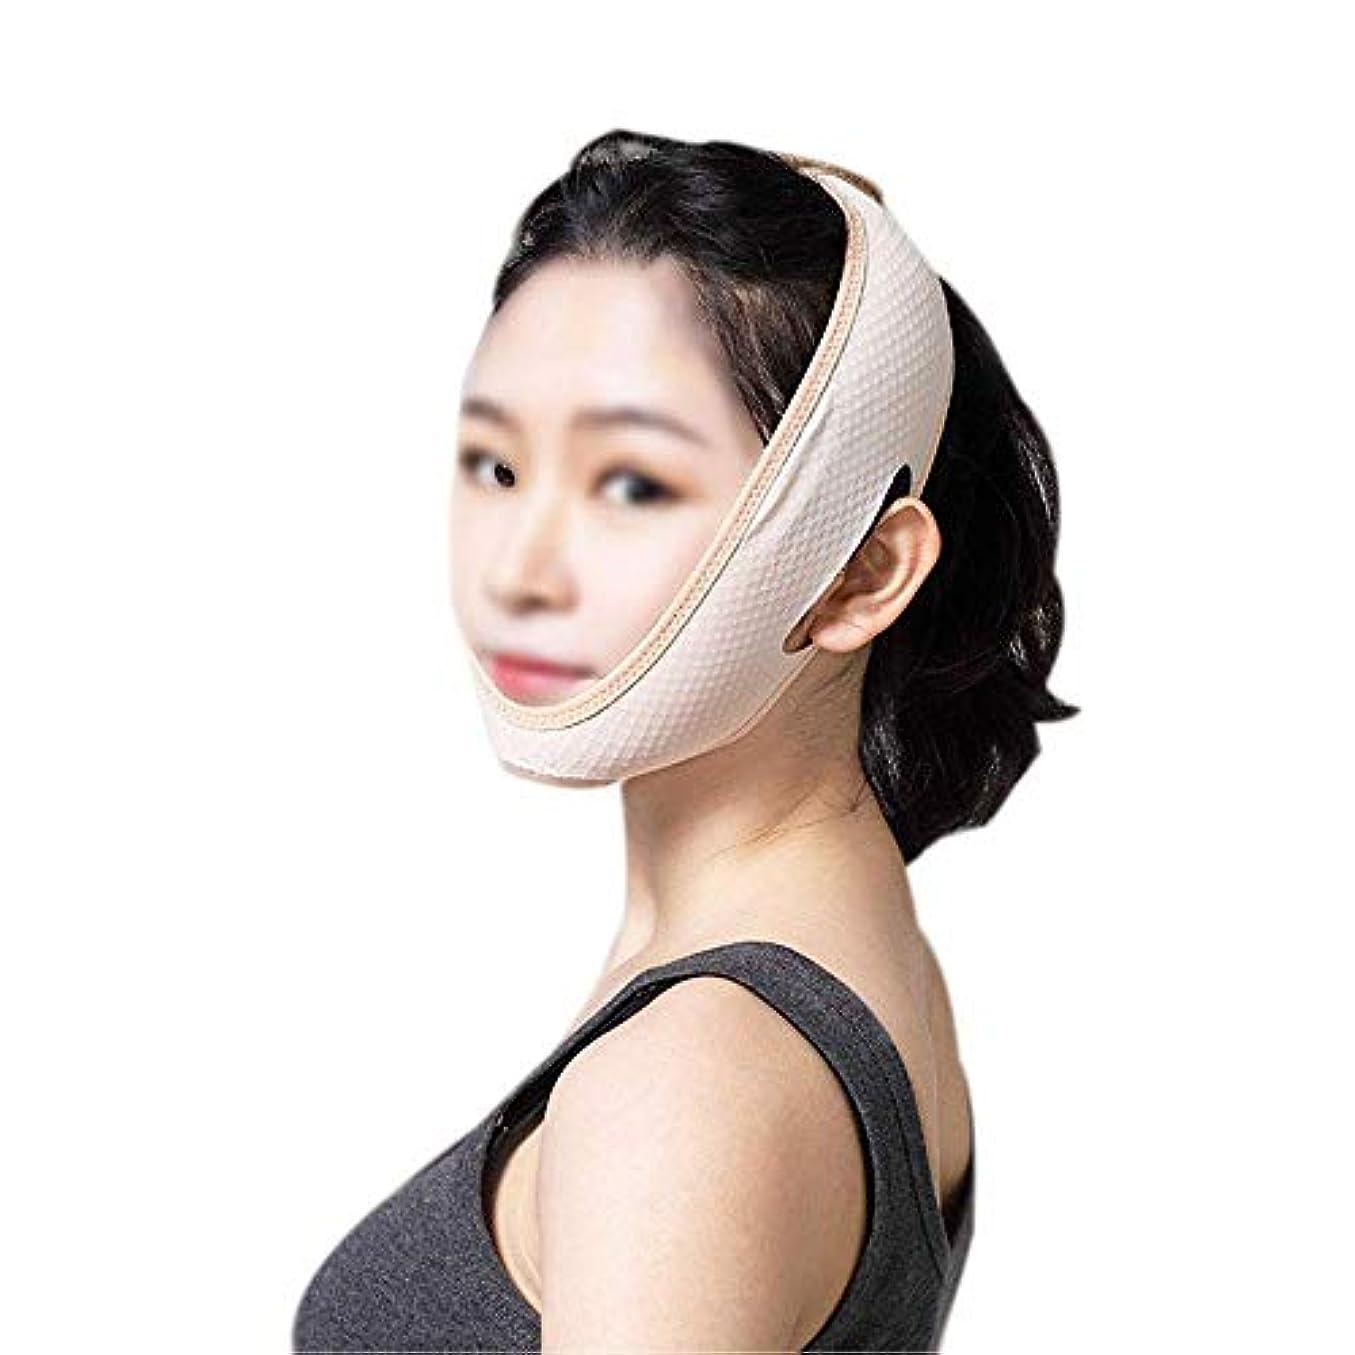 家事をするアレイトリクルフェイスリフティングバンデージ、肌の引き締めを強化する薄いフェイスマスクの睡眠、ダブルチンマスクの削減